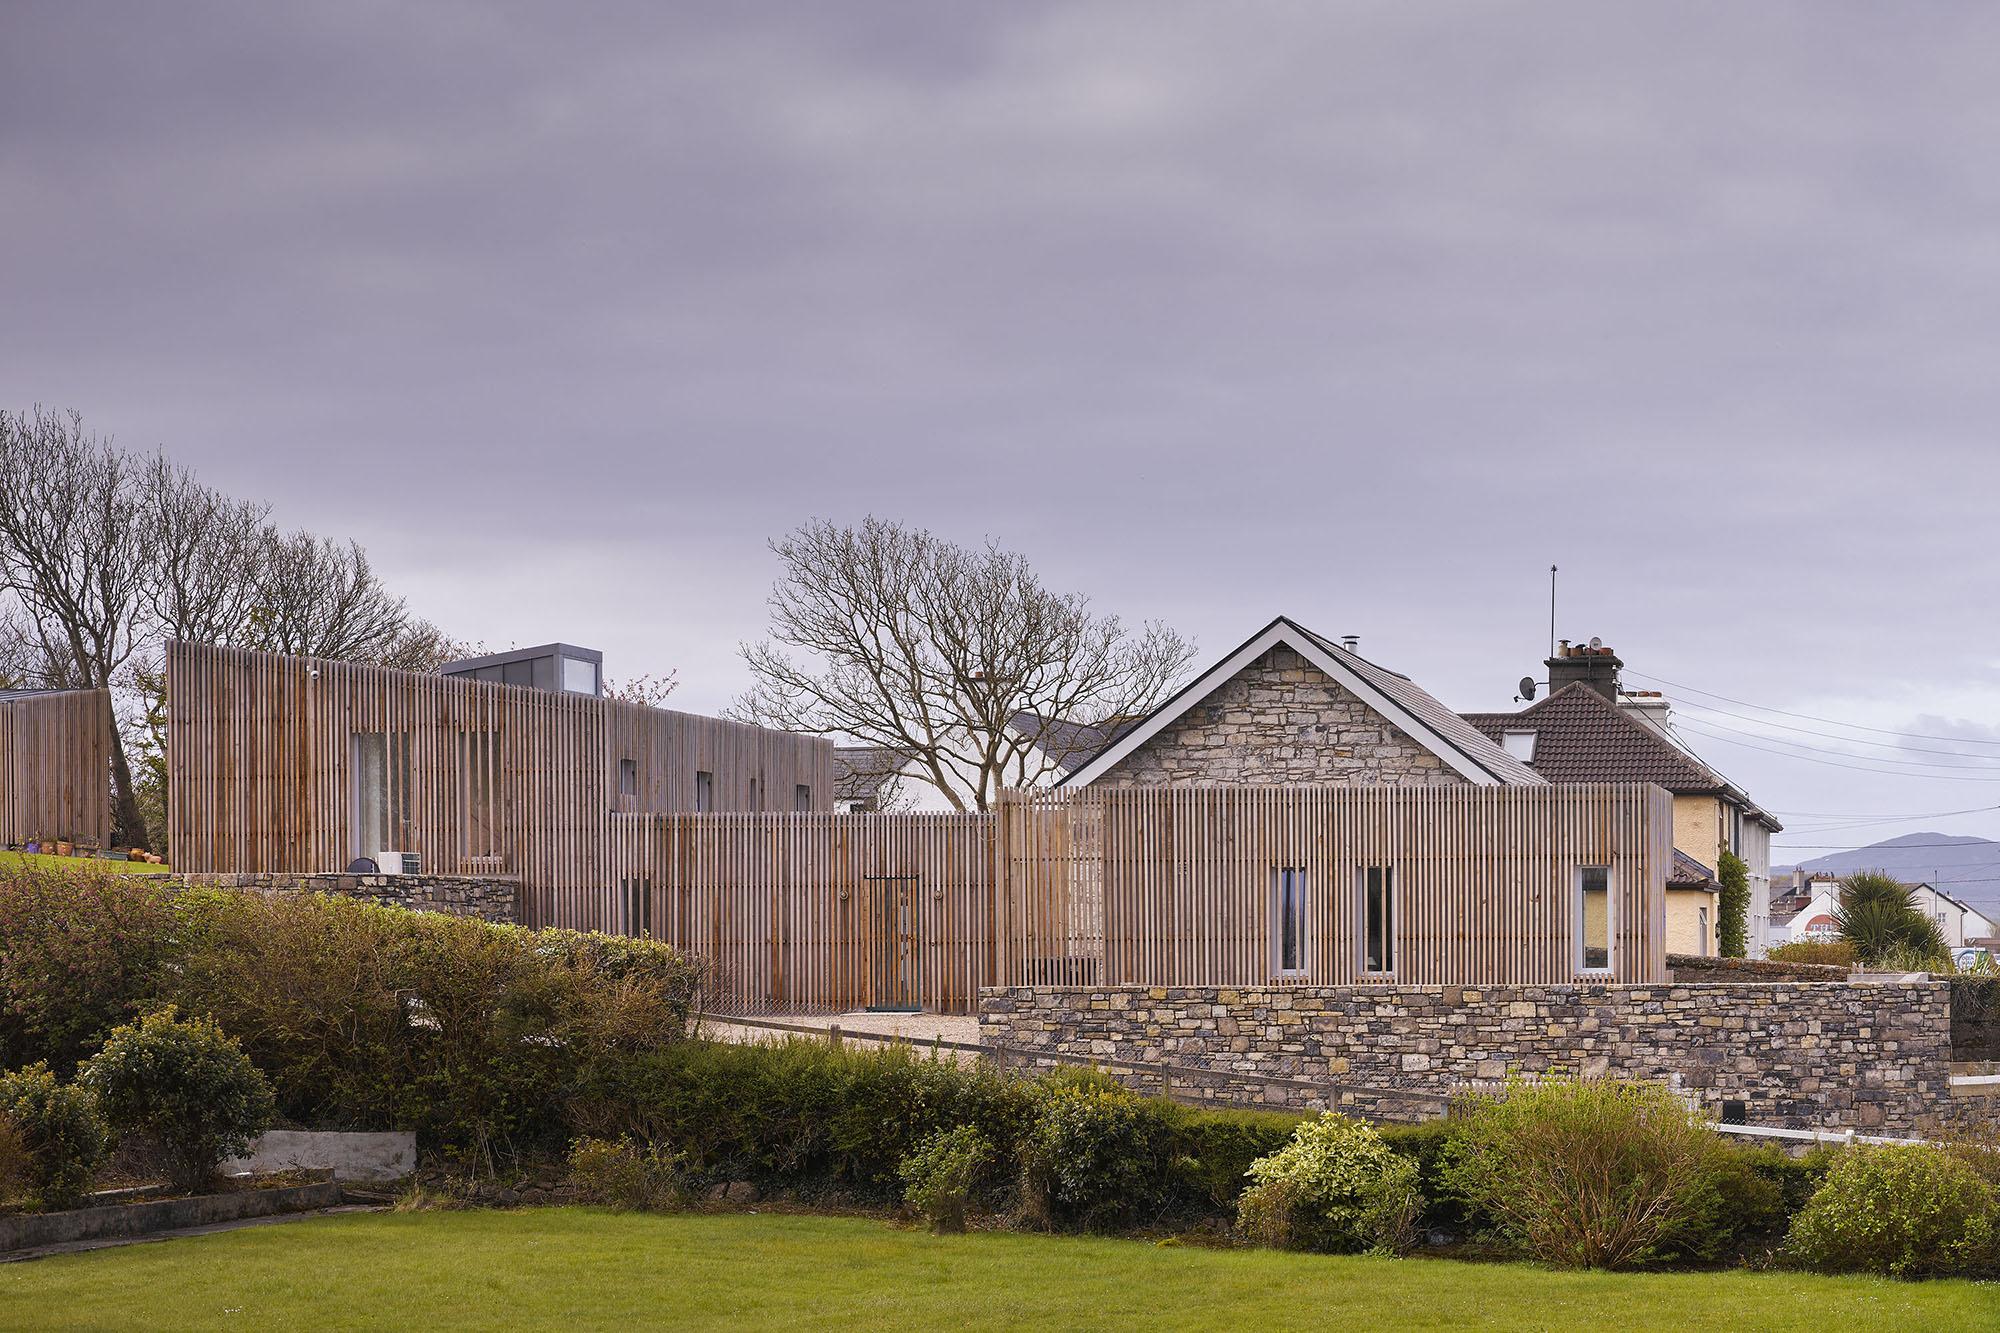 Sligo schoolhouse